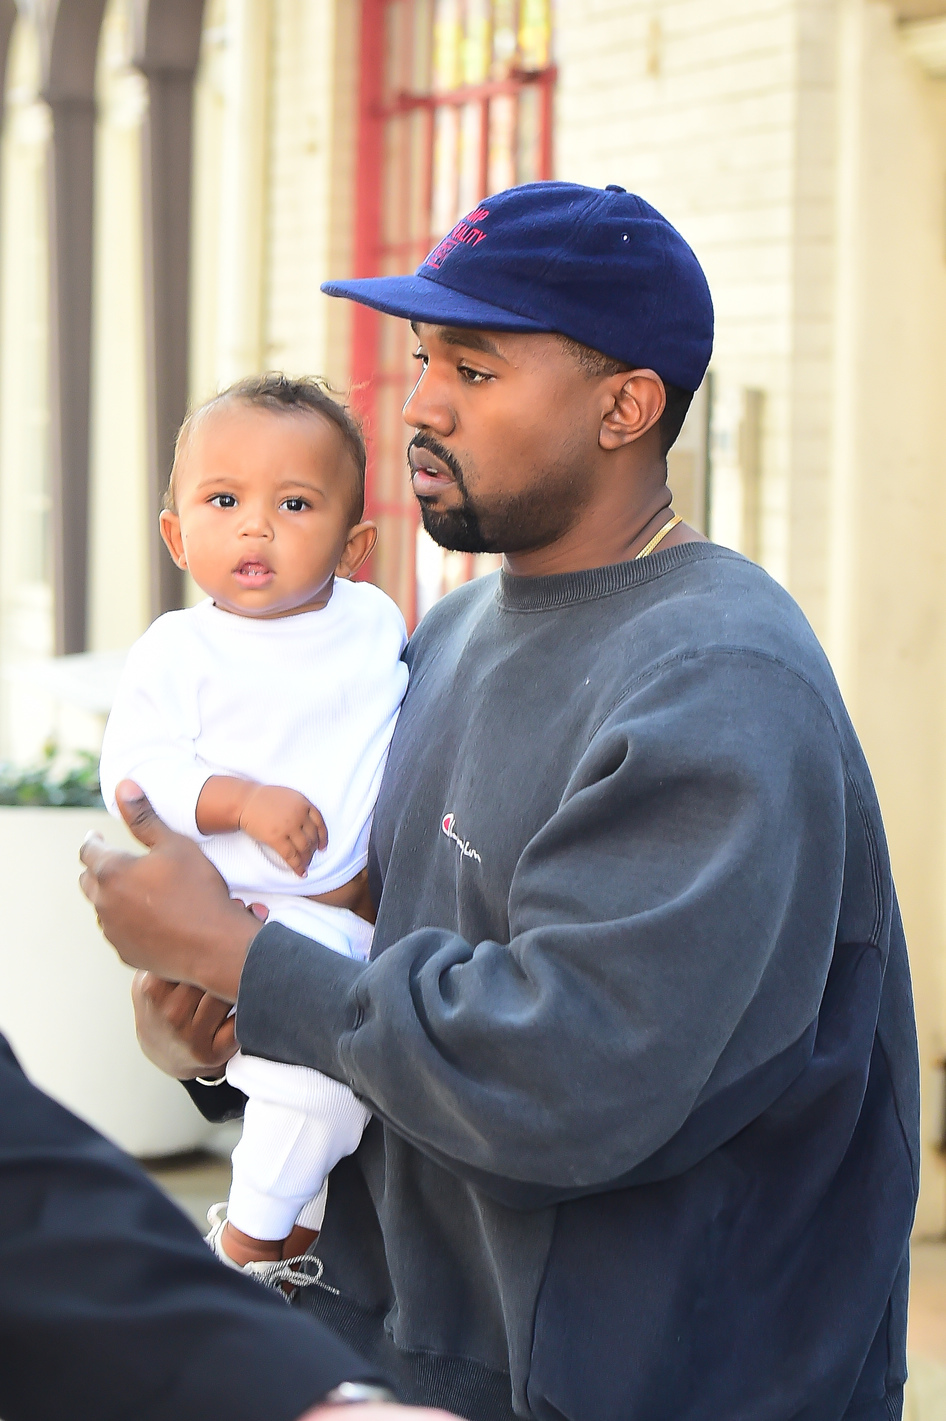 Saint West, Kanye West